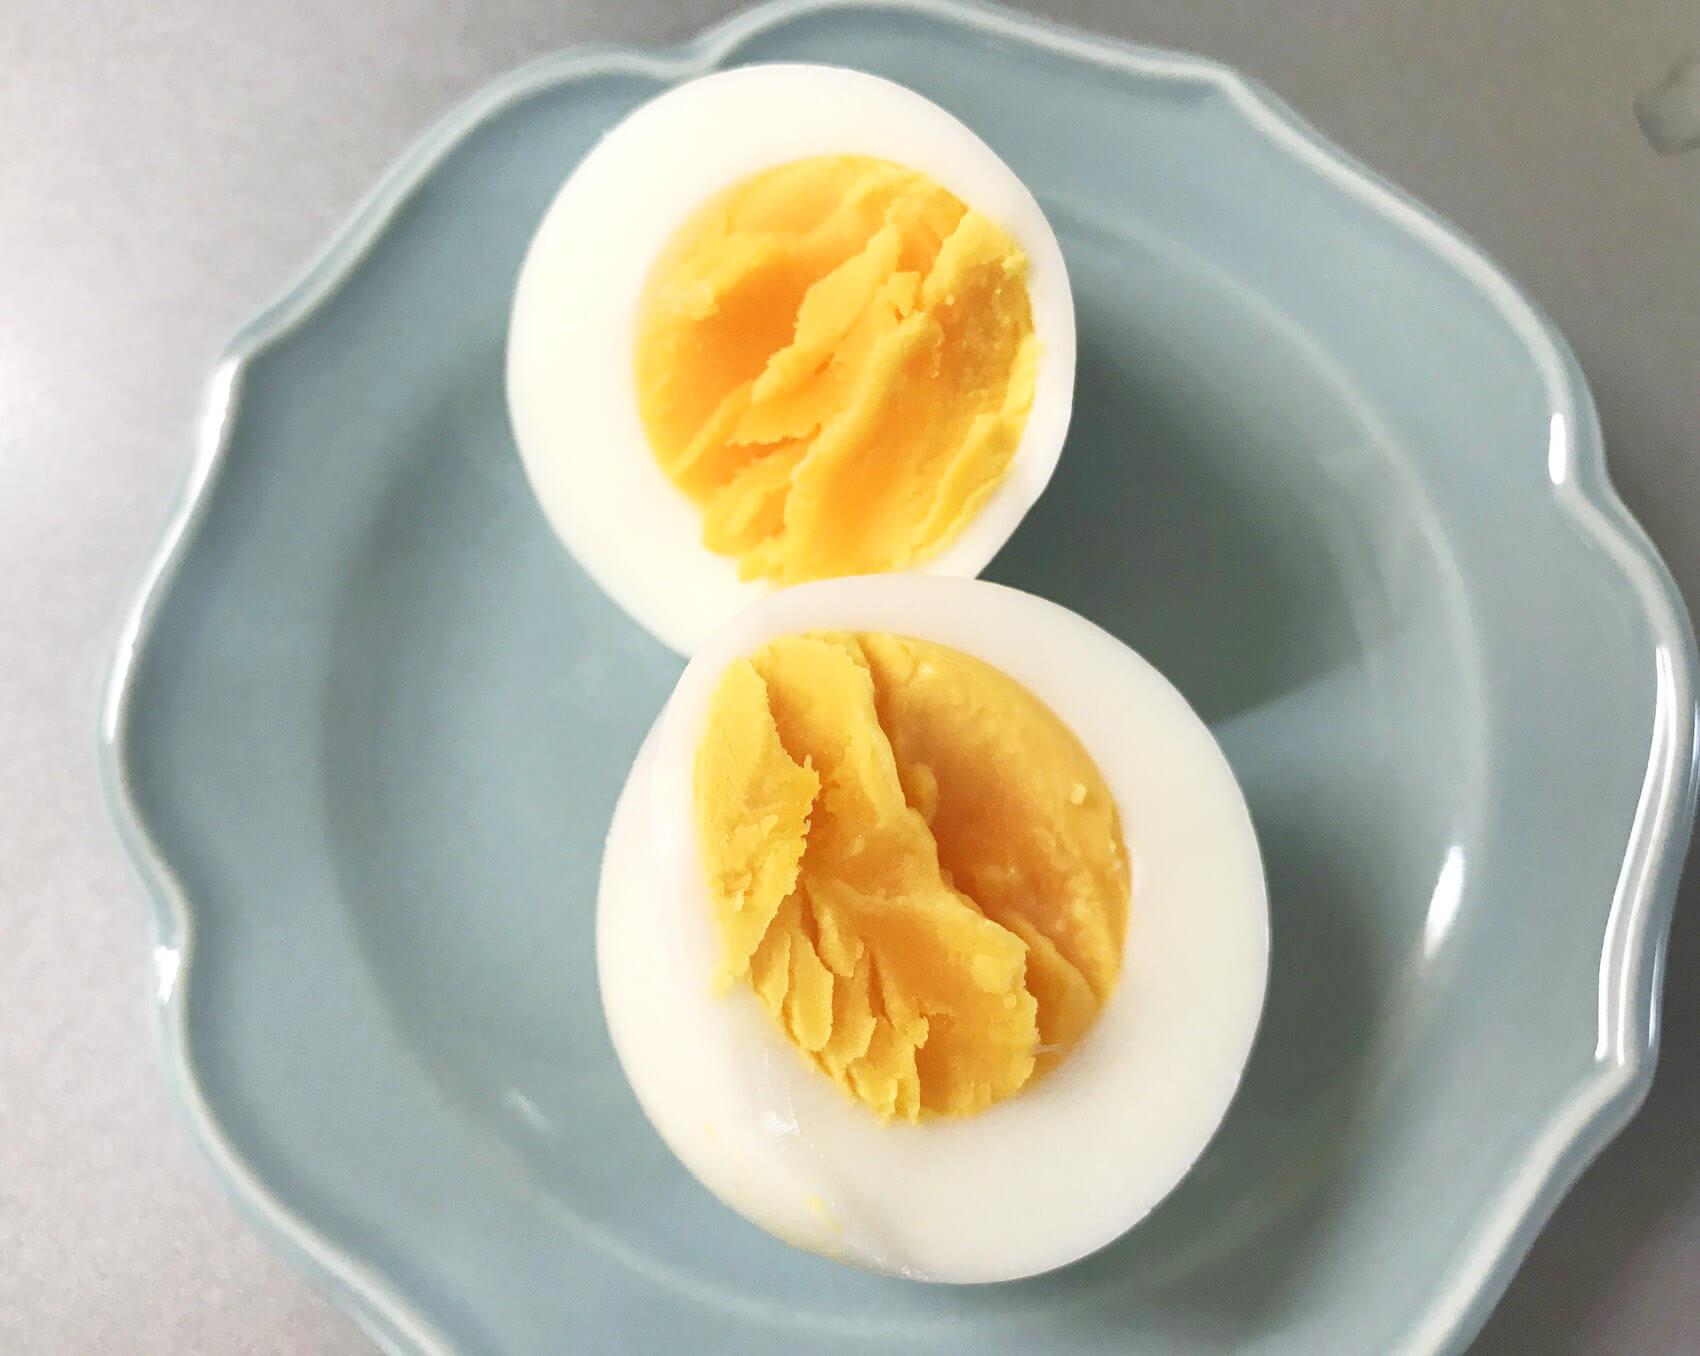 固ゆでの卵を切ってみたところ。半熟の水量でゆでるとトロリとちょうどいい半熟になります